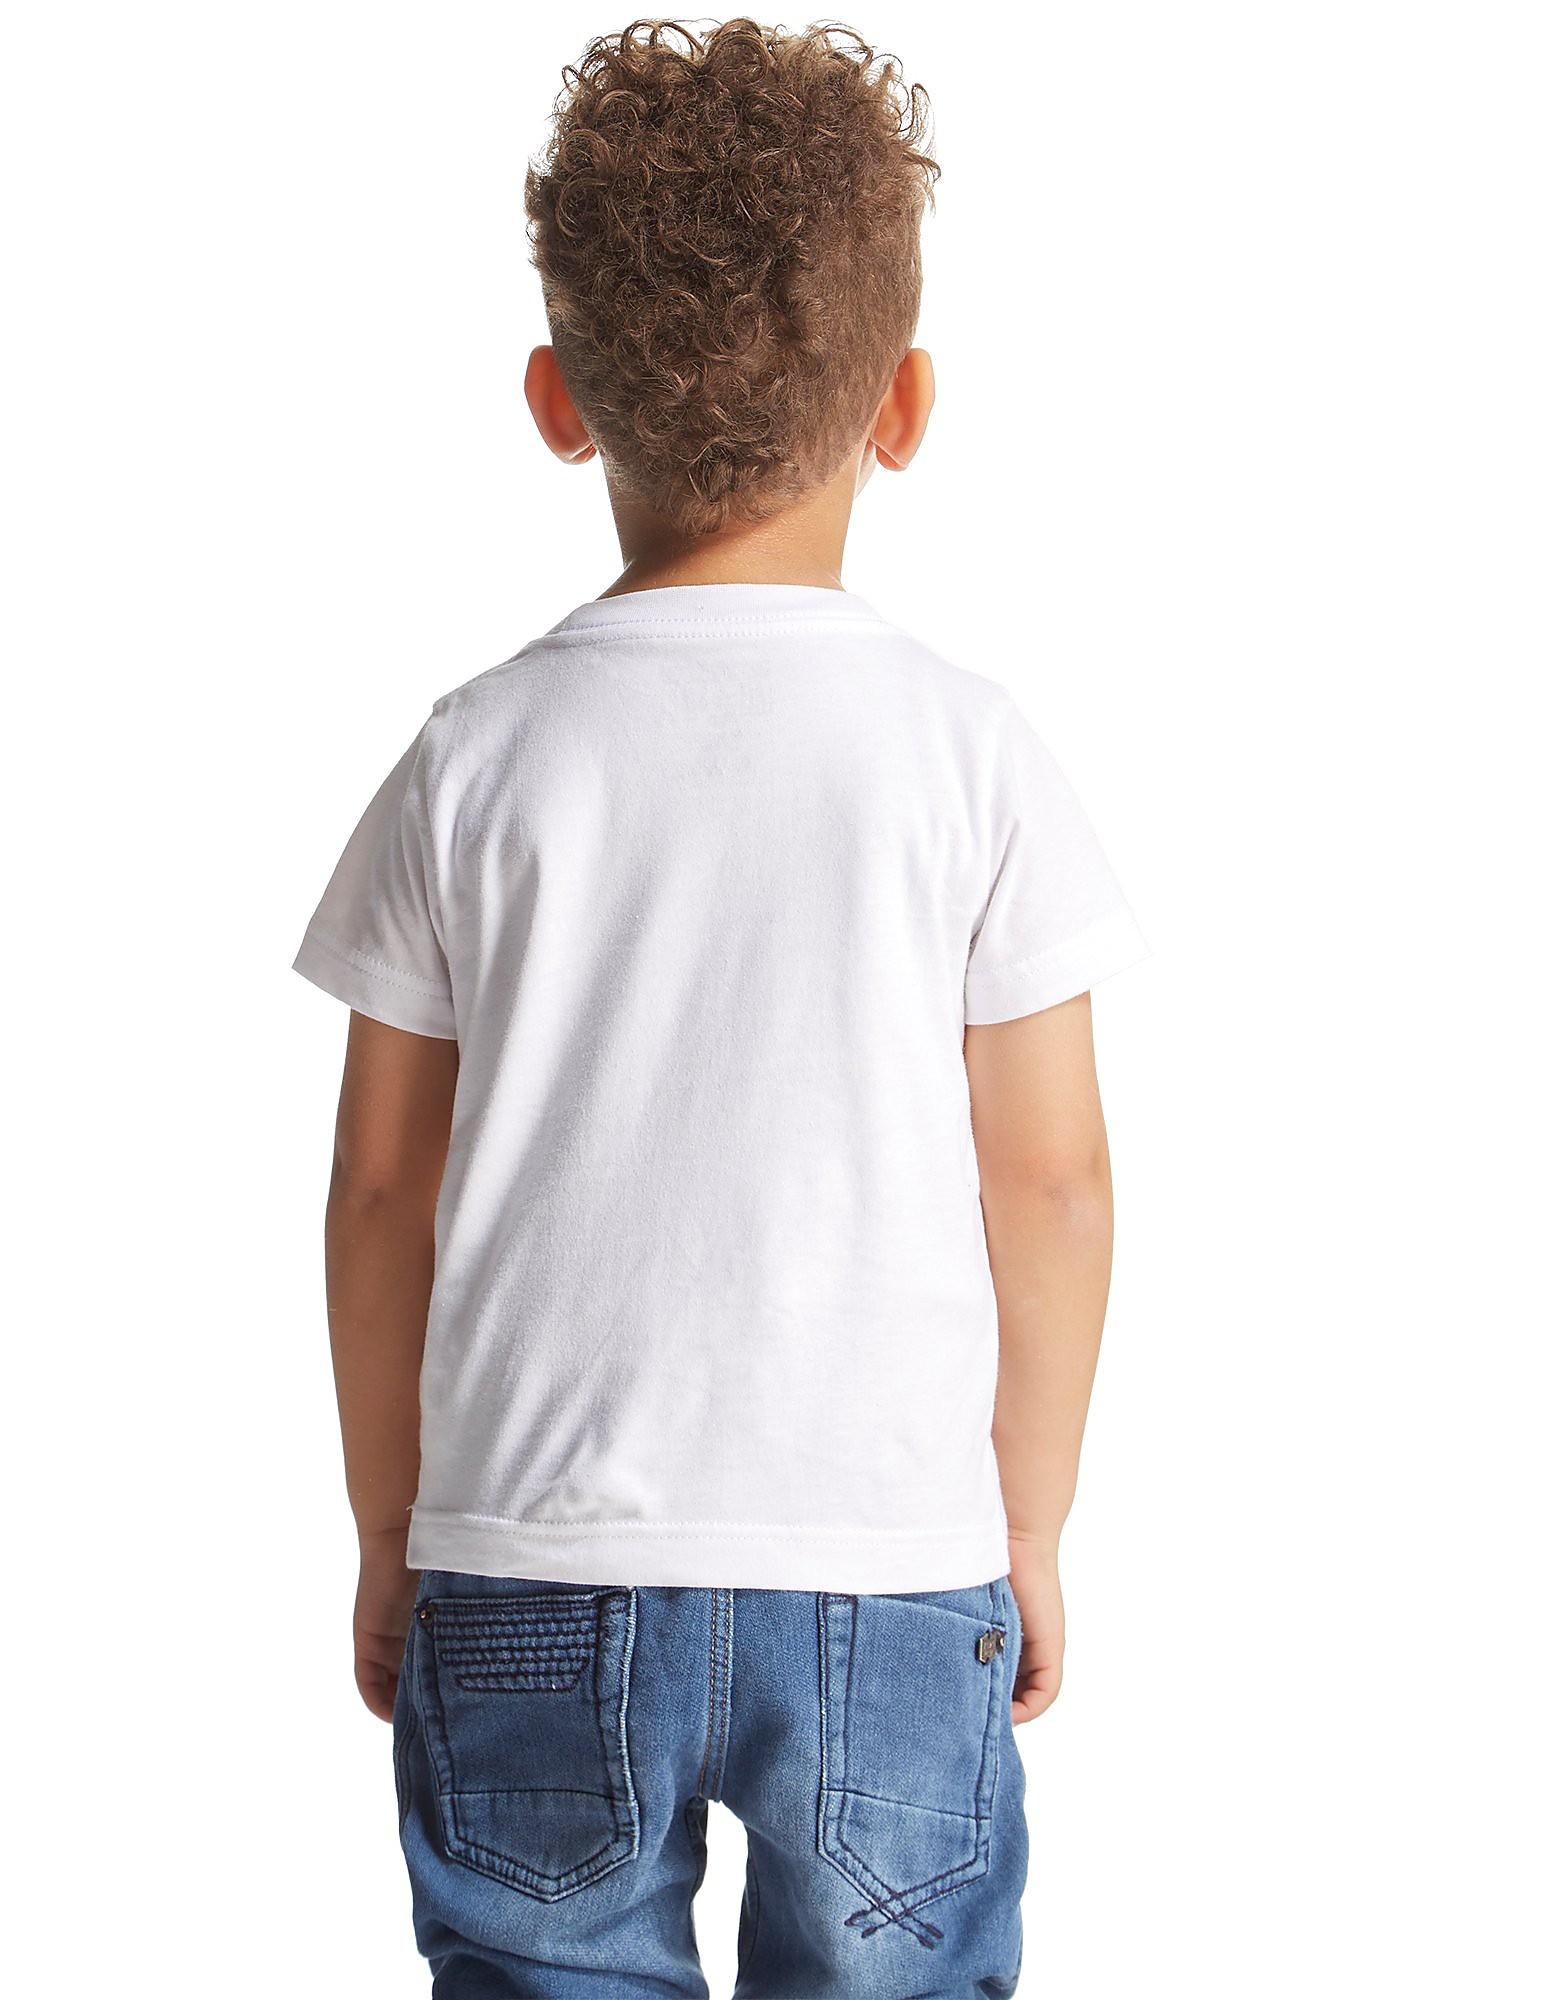 Converse Converse Infill T-Shirt Children